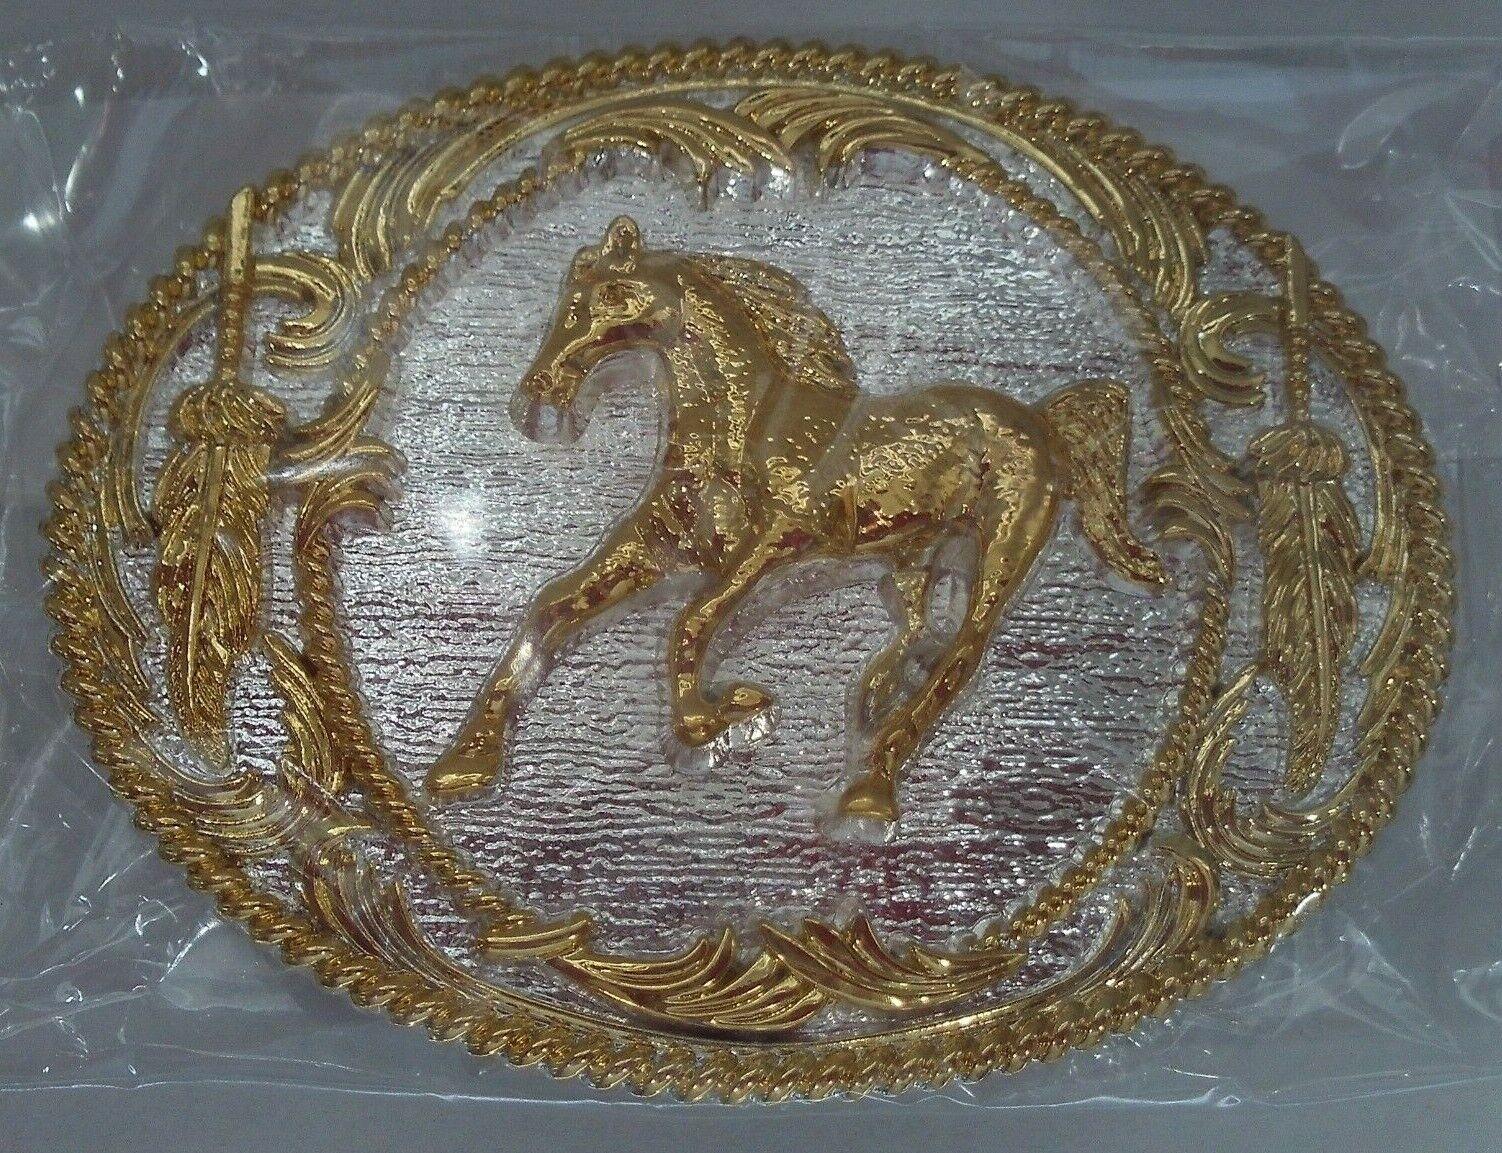 ! nuevo! Plata Y Oro cabalgando Caballo Hebilla de cinturón con adorno de oro de plumas 3 3/4